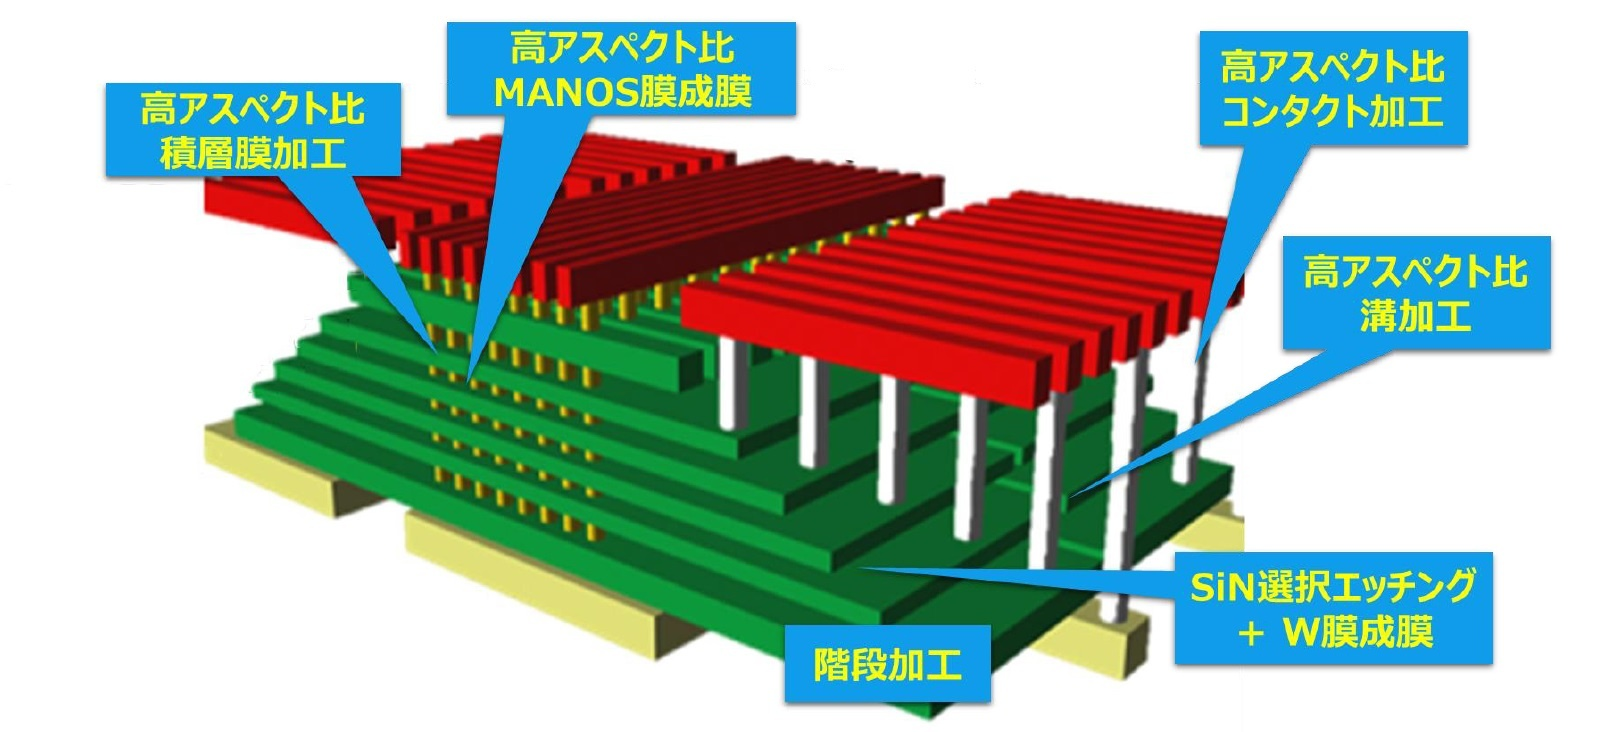 図5 様々な加工技術を駆使して複雑な形状を形成